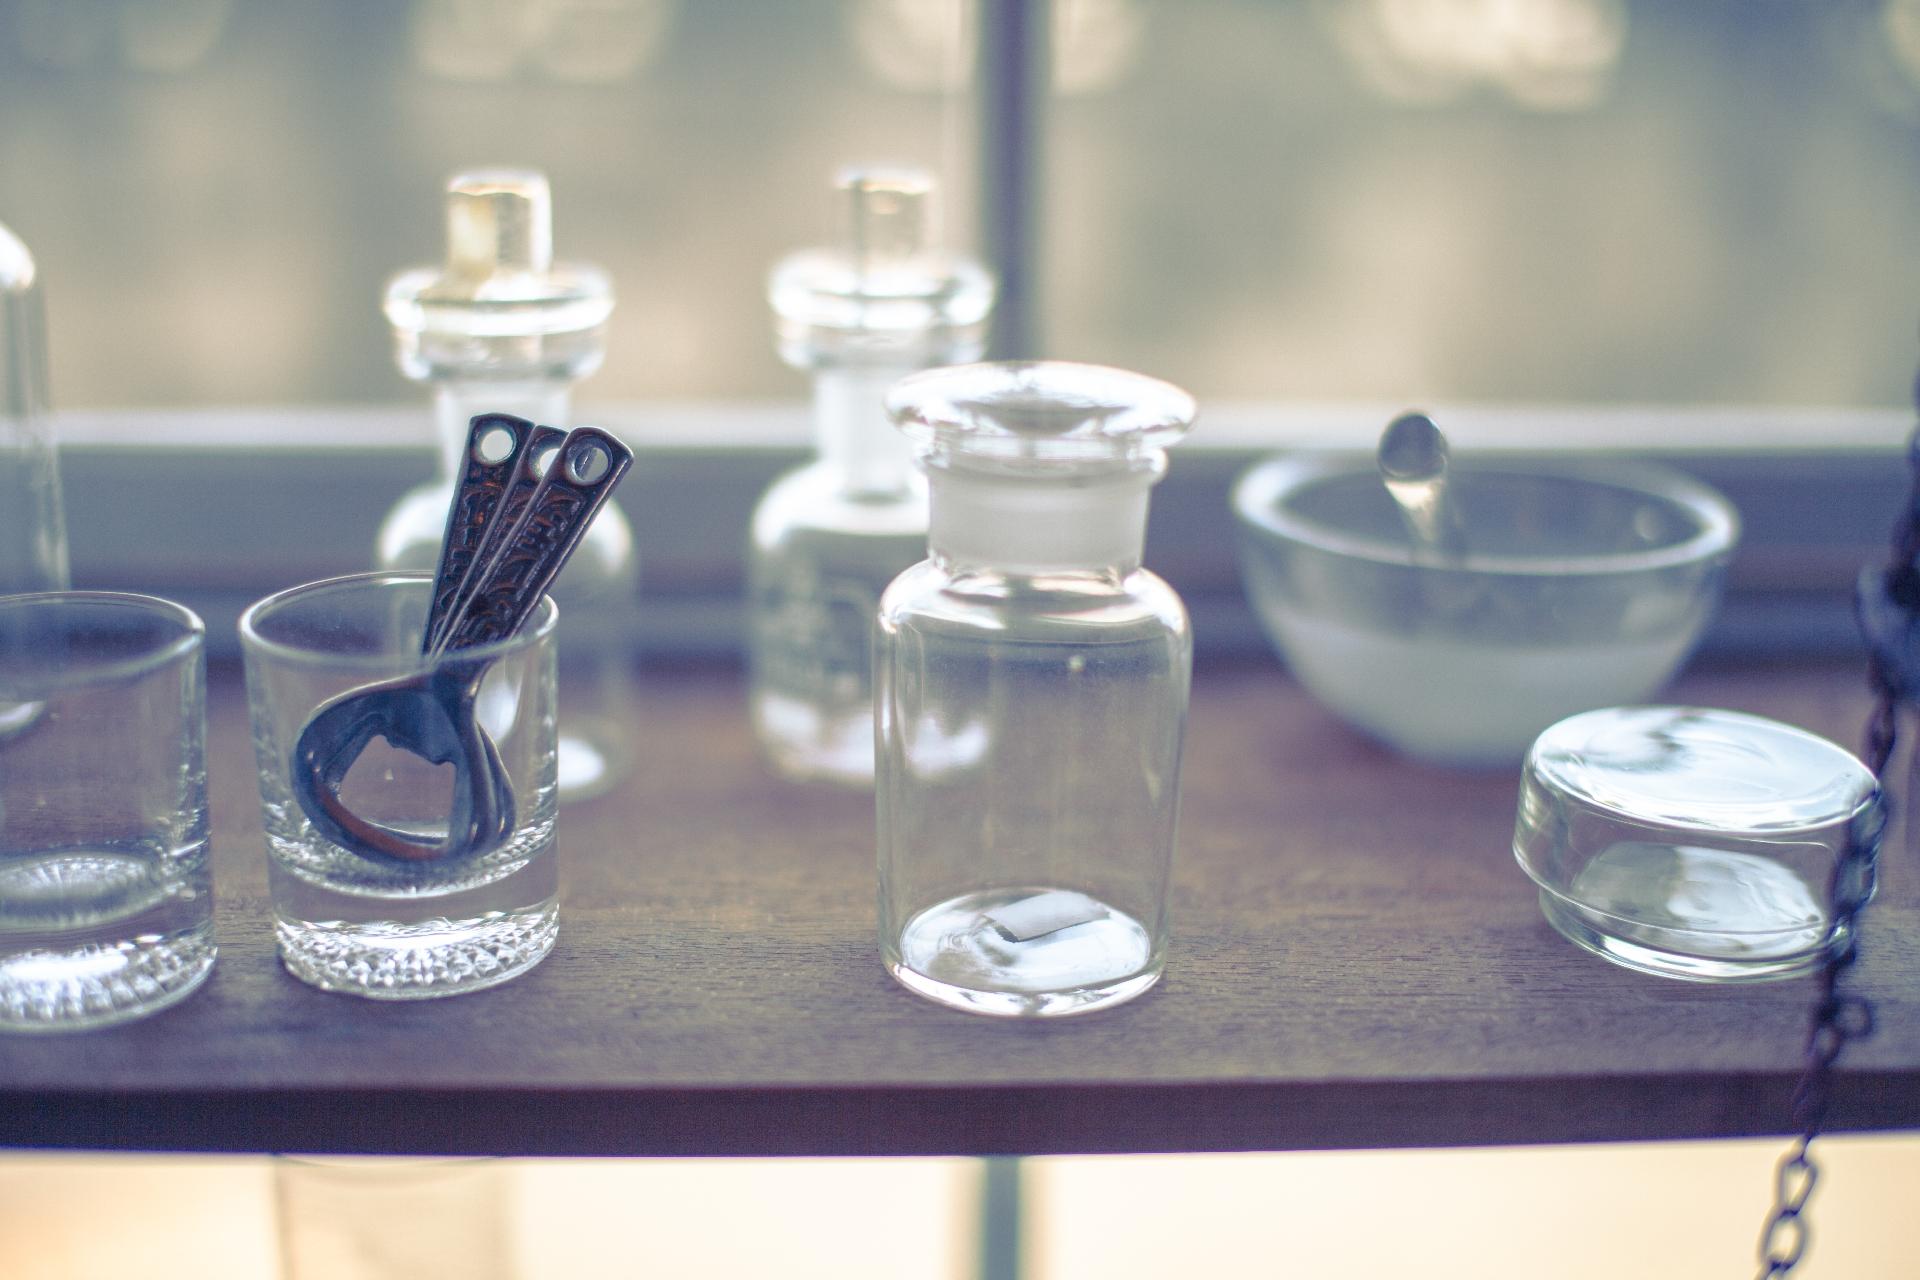 理科の実験道具